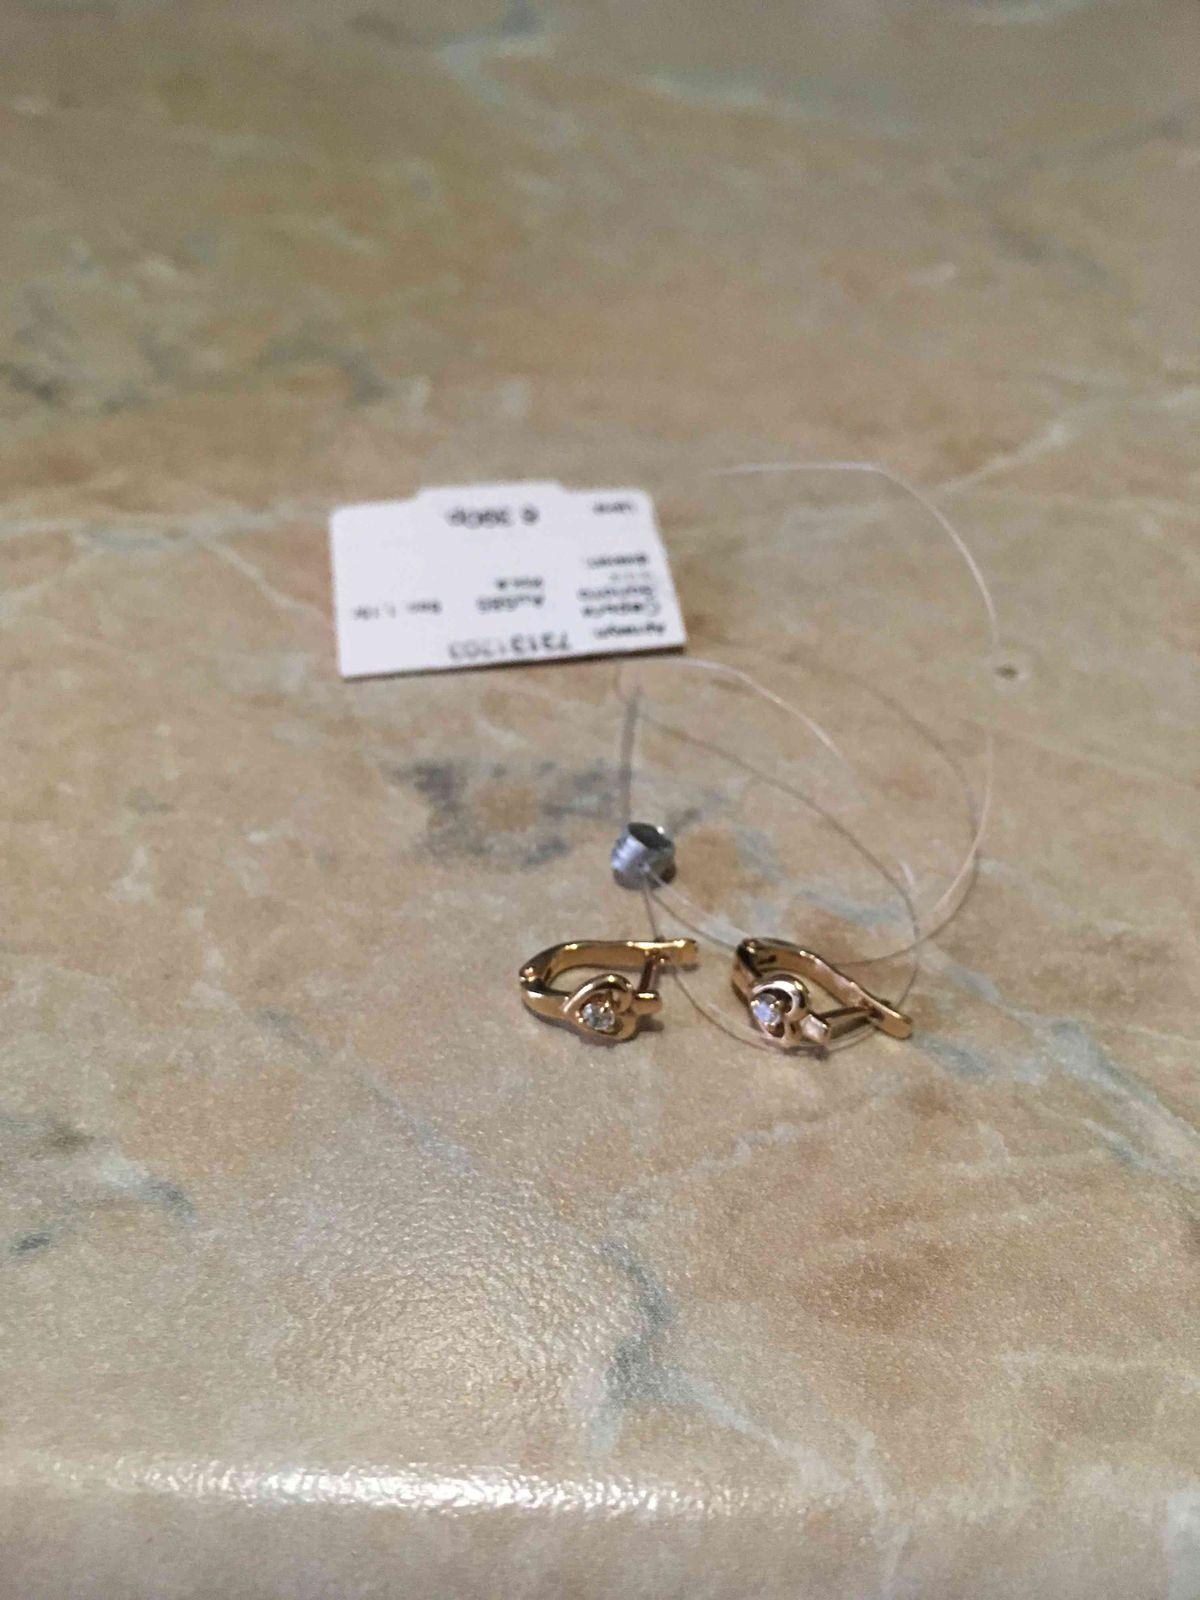 Класс, золото, хорошее качество. аккуратеые и красивые сережки.понравились!